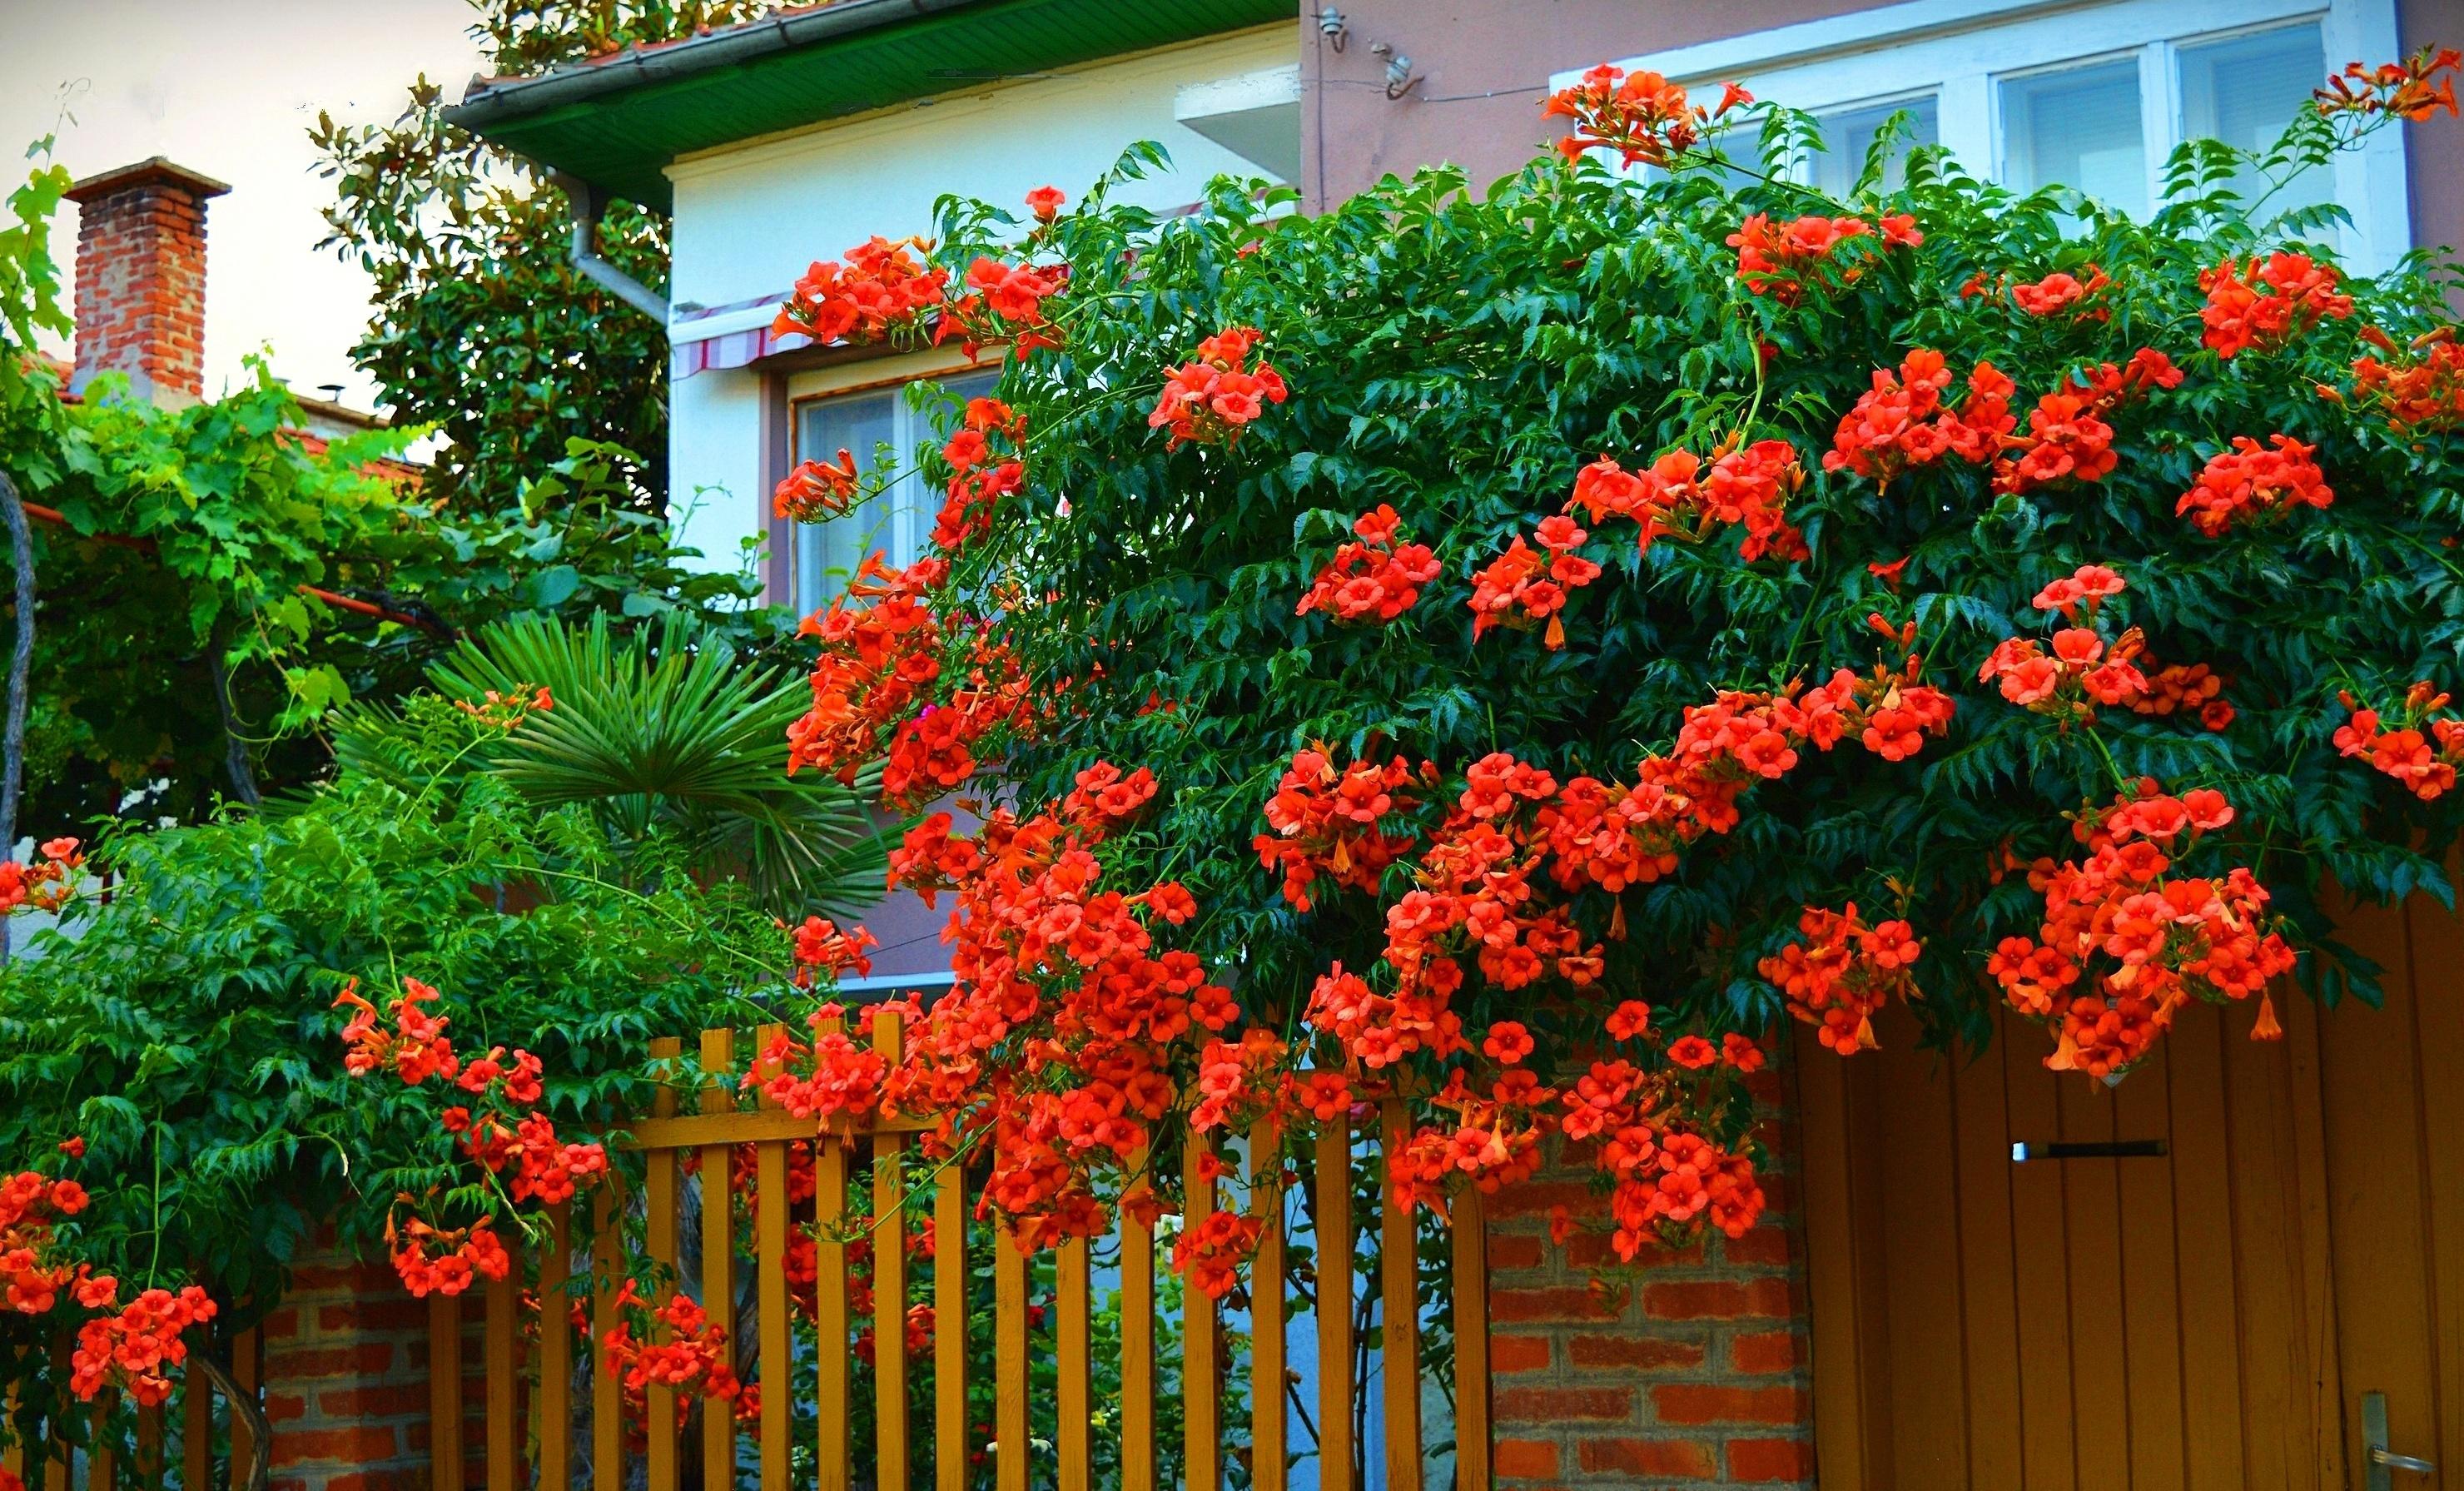 Посадка и уход за кампсисом в средней полосе: кампсис в Московской области, зимовка лианы. Почему он не цветет в Подмосковье?